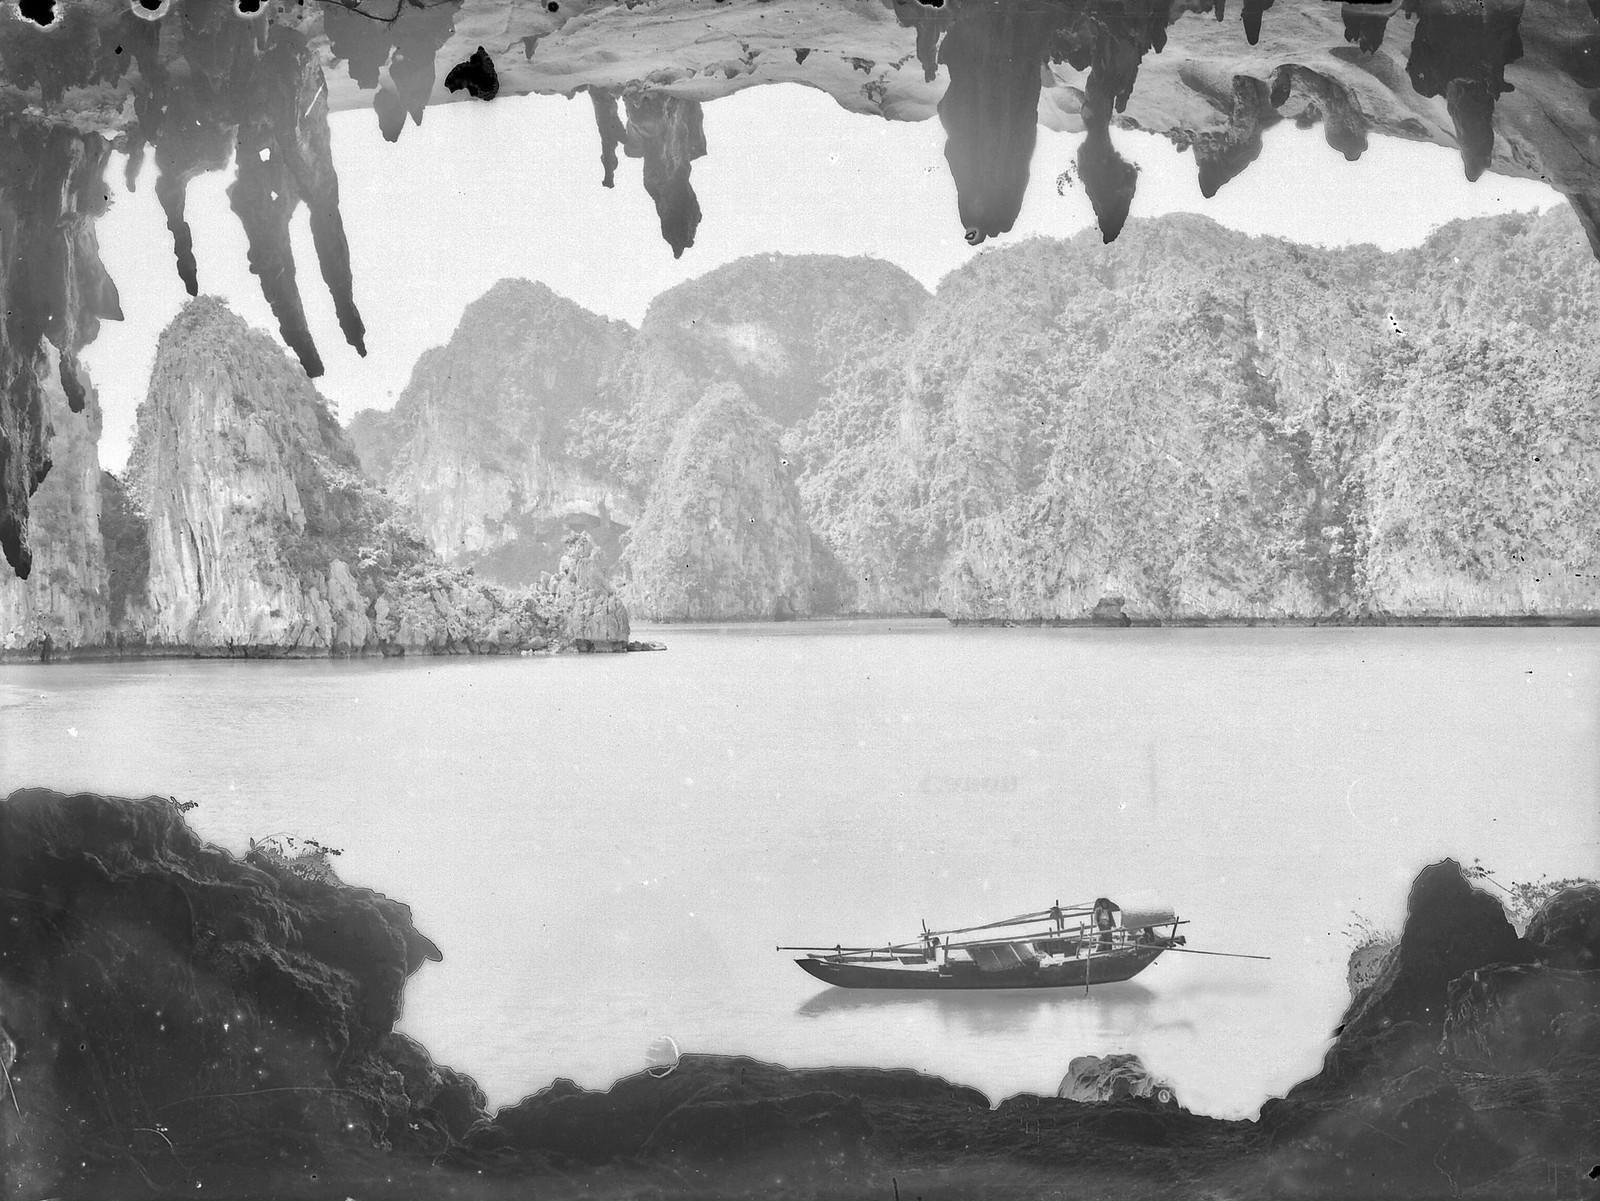 Chùm ảnh: Vẻ đẹp nguyên sơ của vịnh Hạ Long thập niên 1920